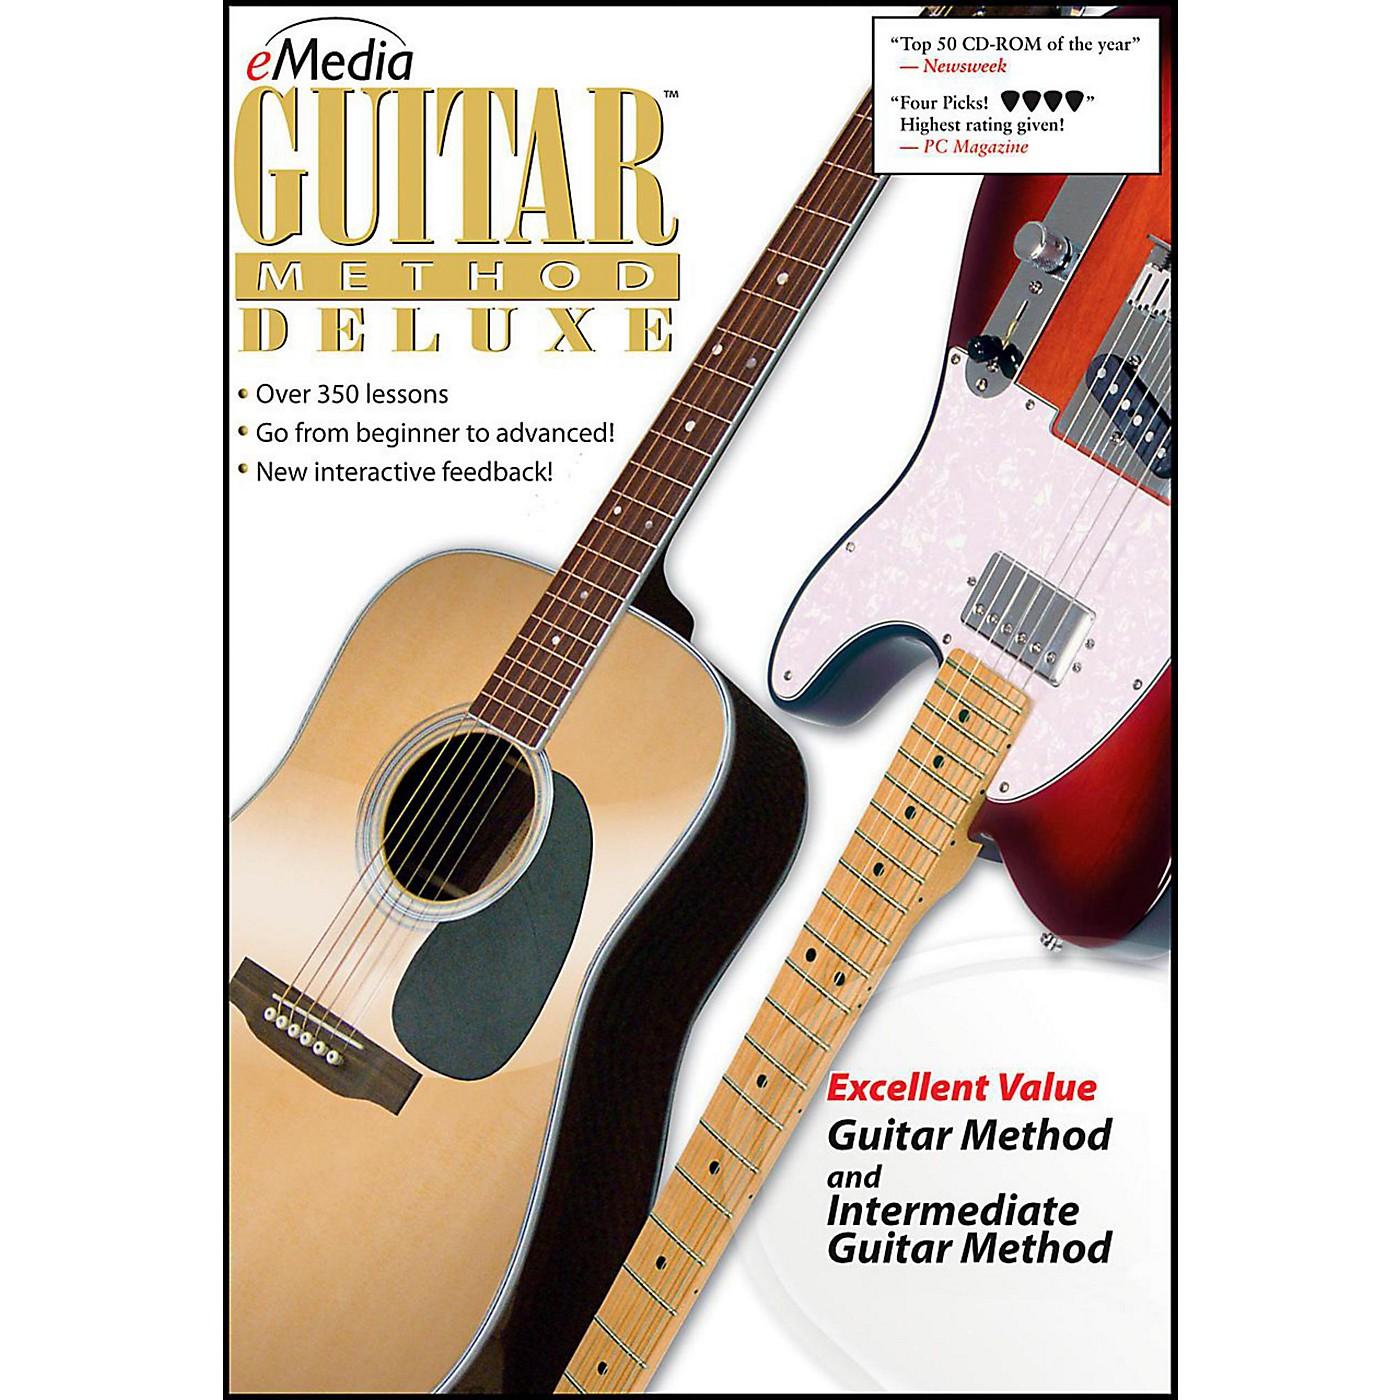 eMedia eMedia Guitar Method Deluxe - Digital Download thumbnail